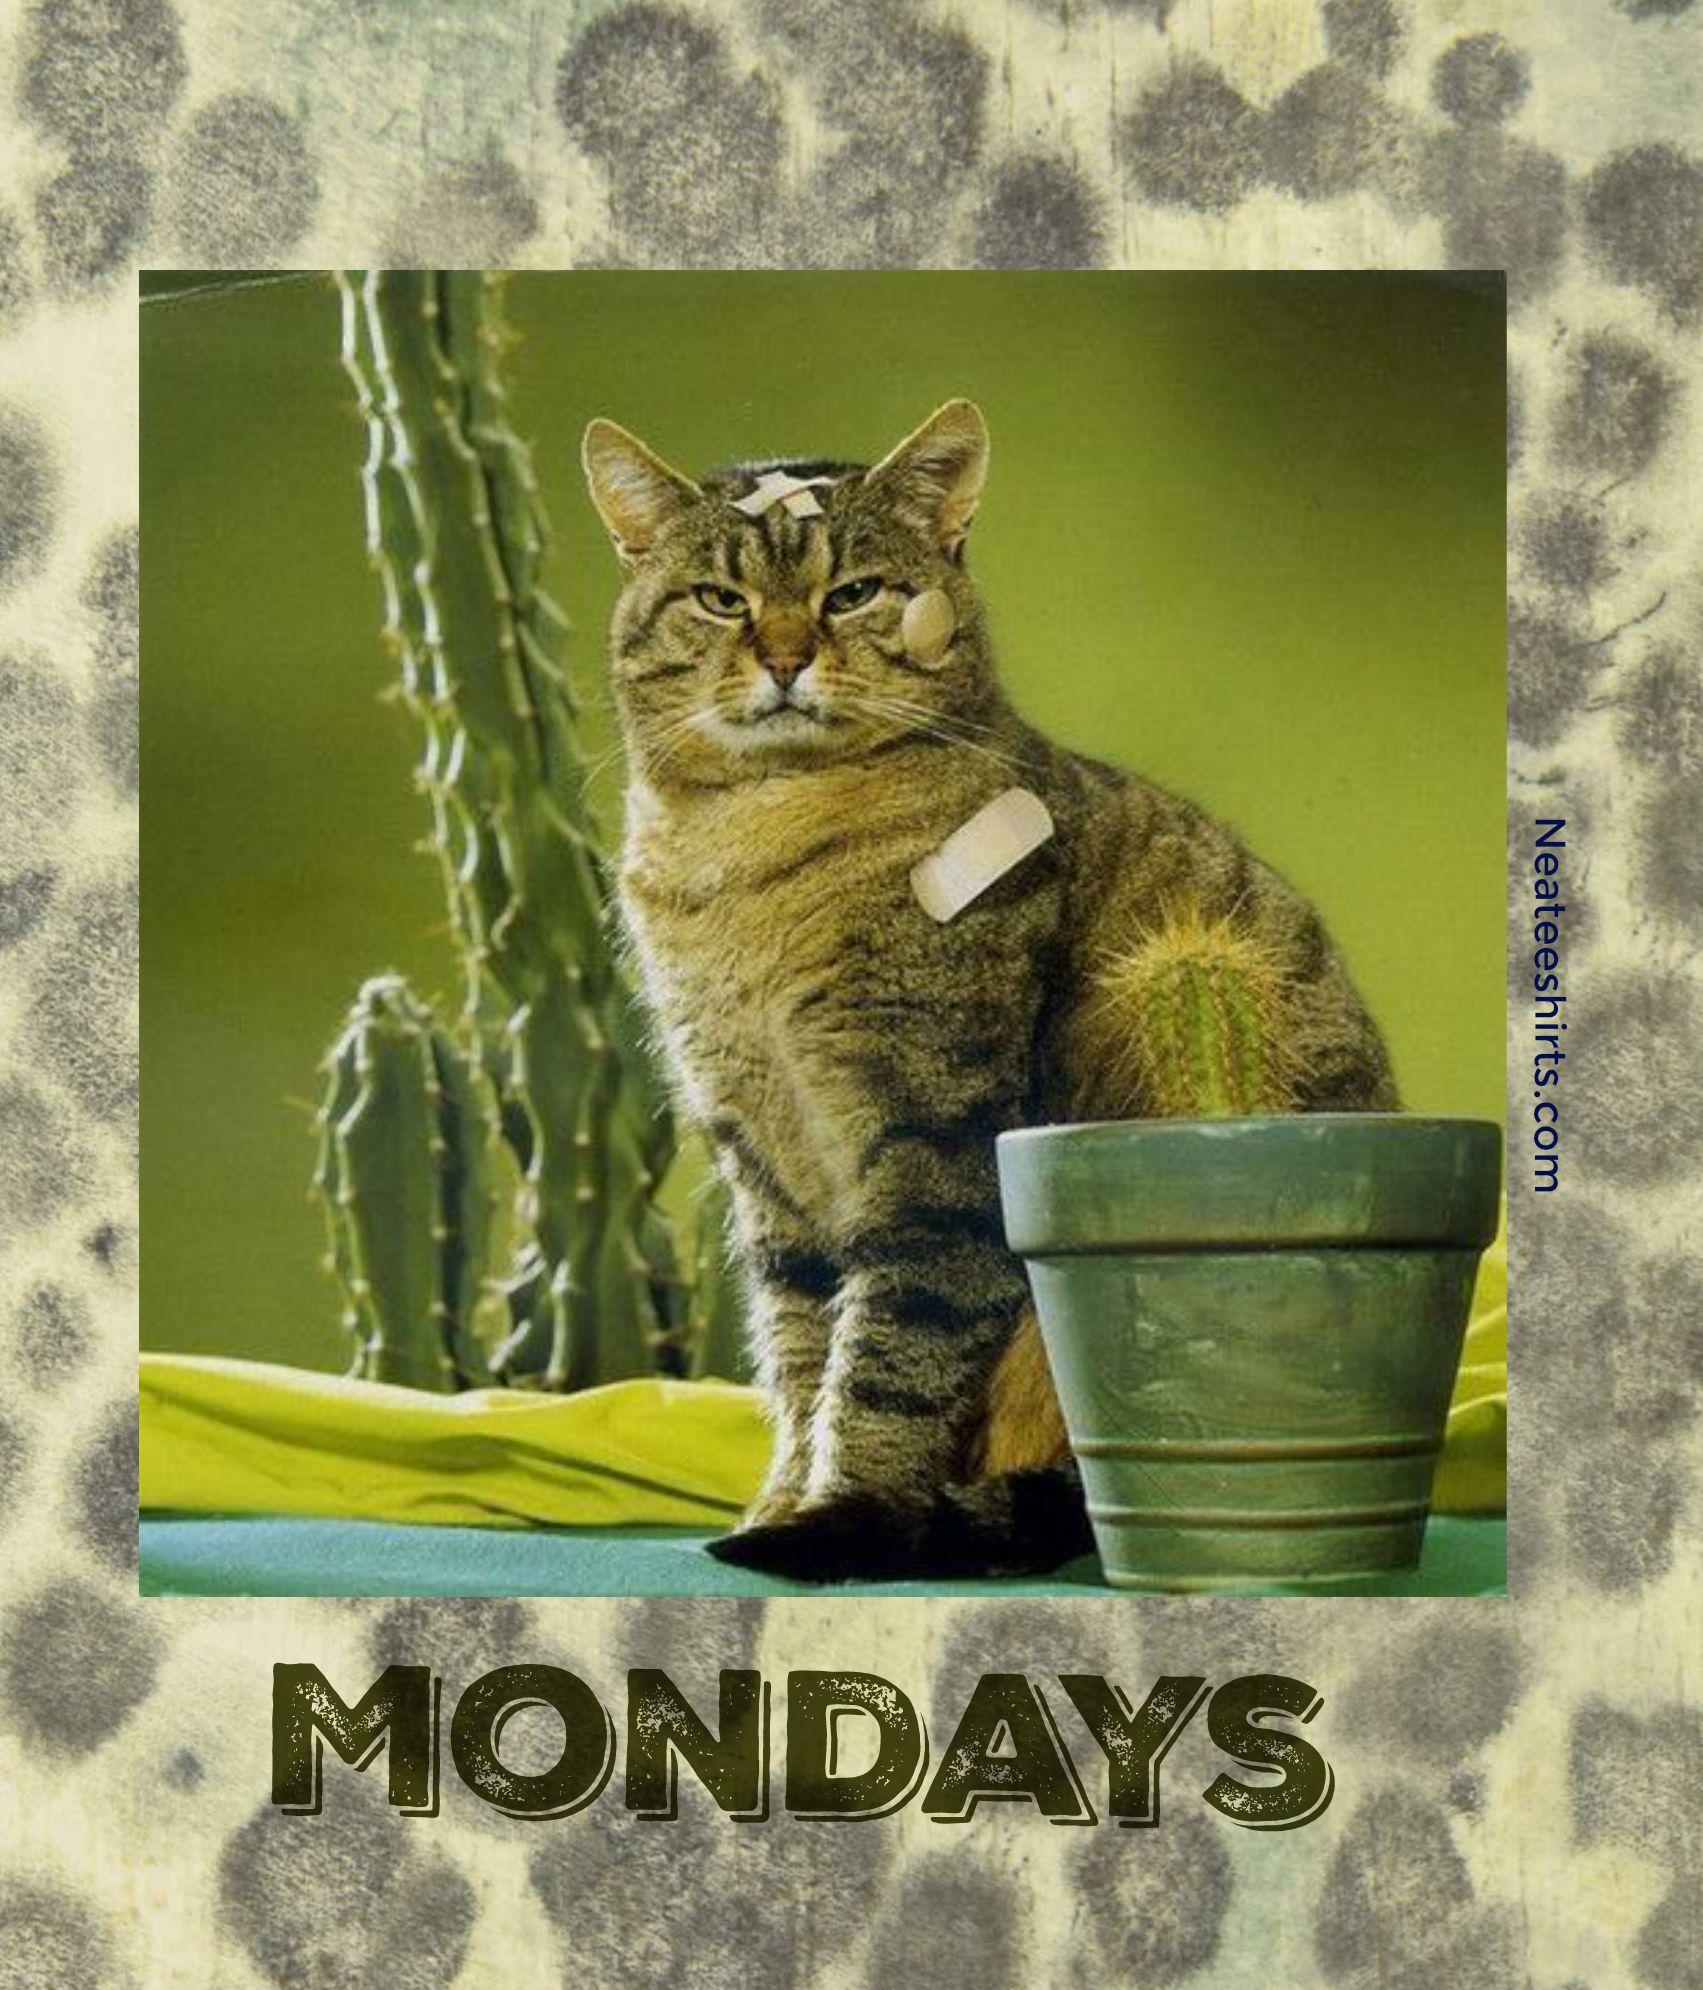 Yes, Mondays hurt.